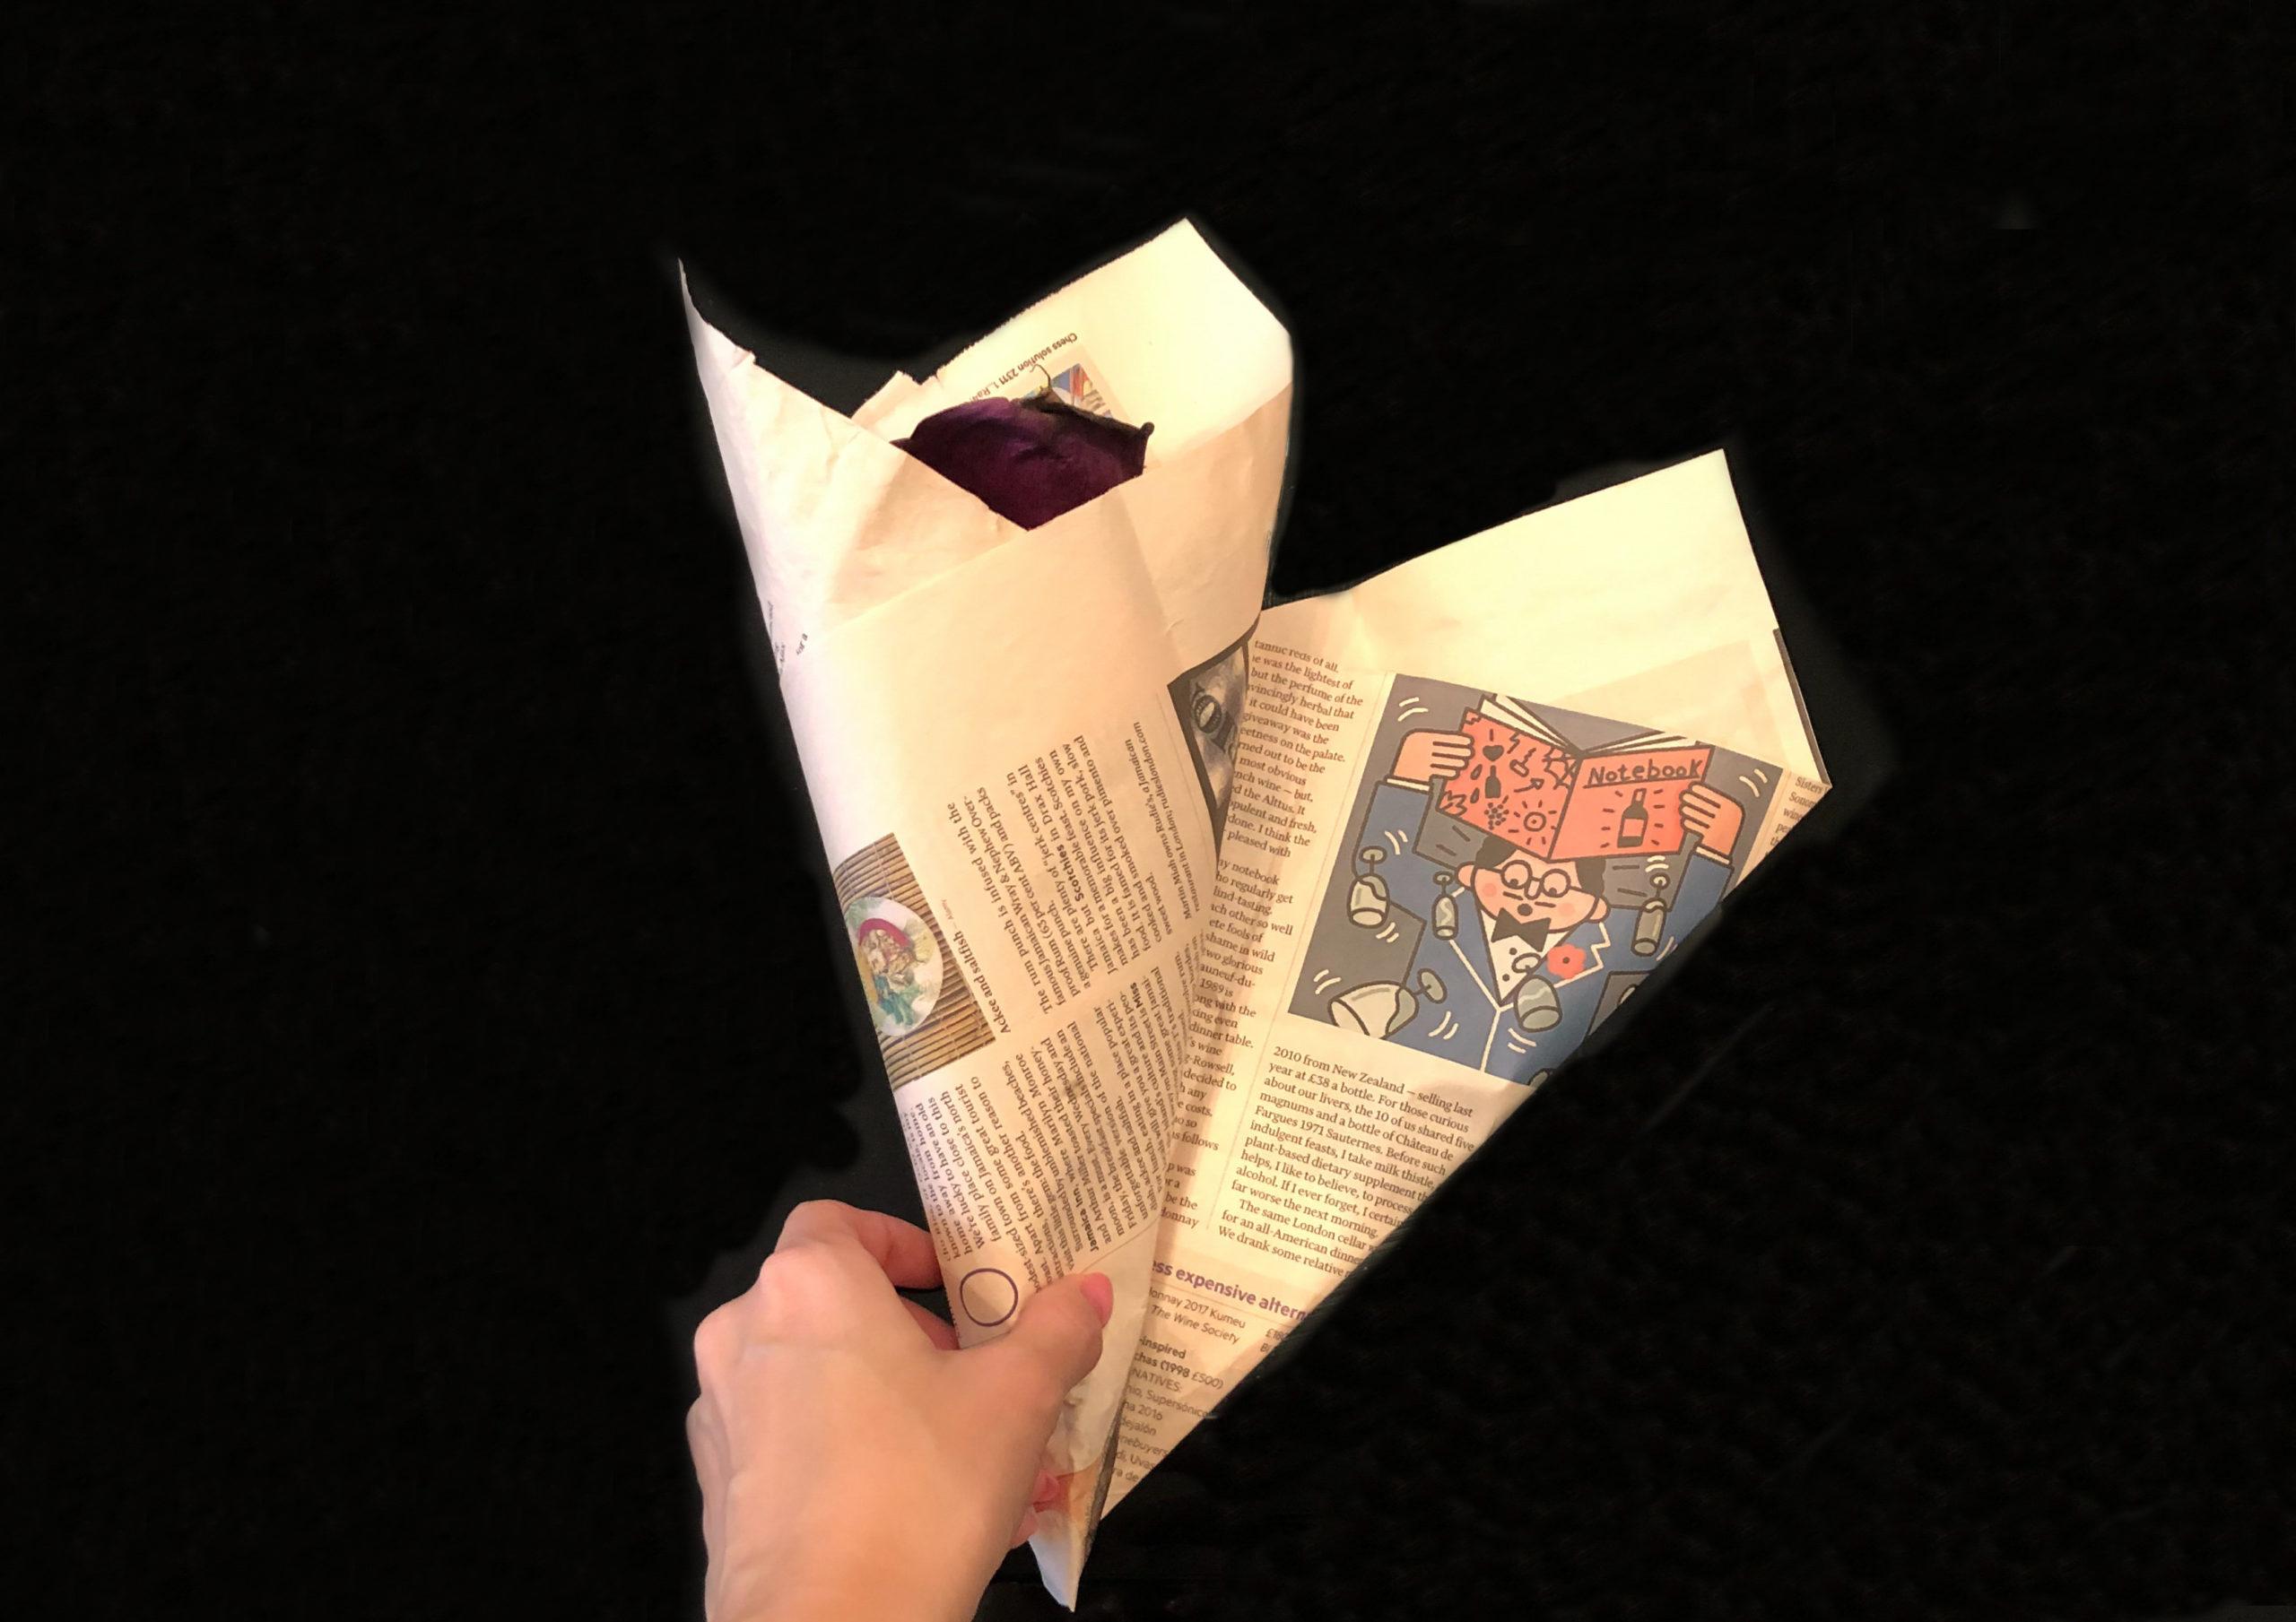 包装紙で枯れた花を包んでいるところを撮影した画像